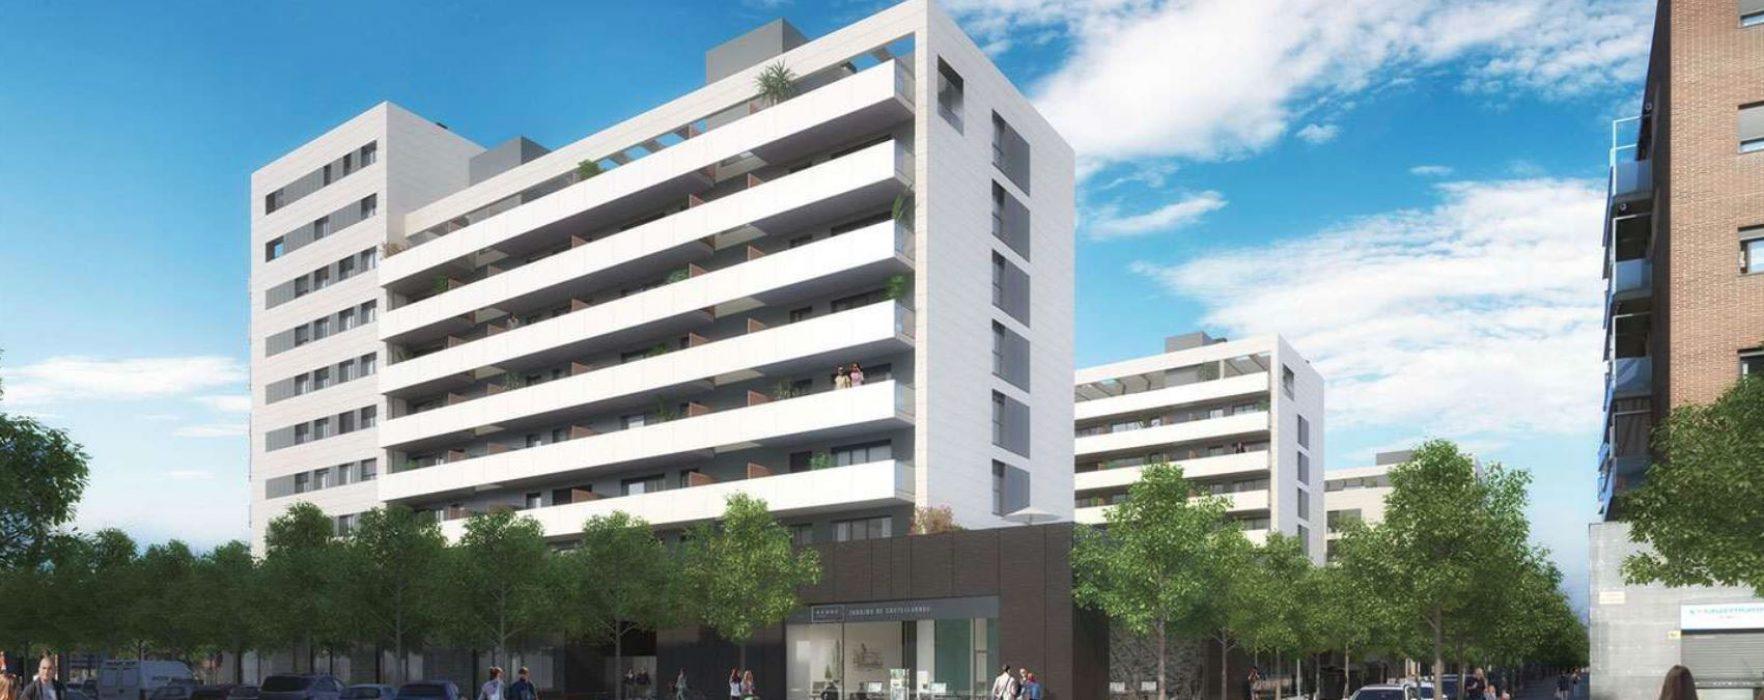 Los pisos se consolidan como la tipología estrella en el mercado de la vivienda de obra nueva